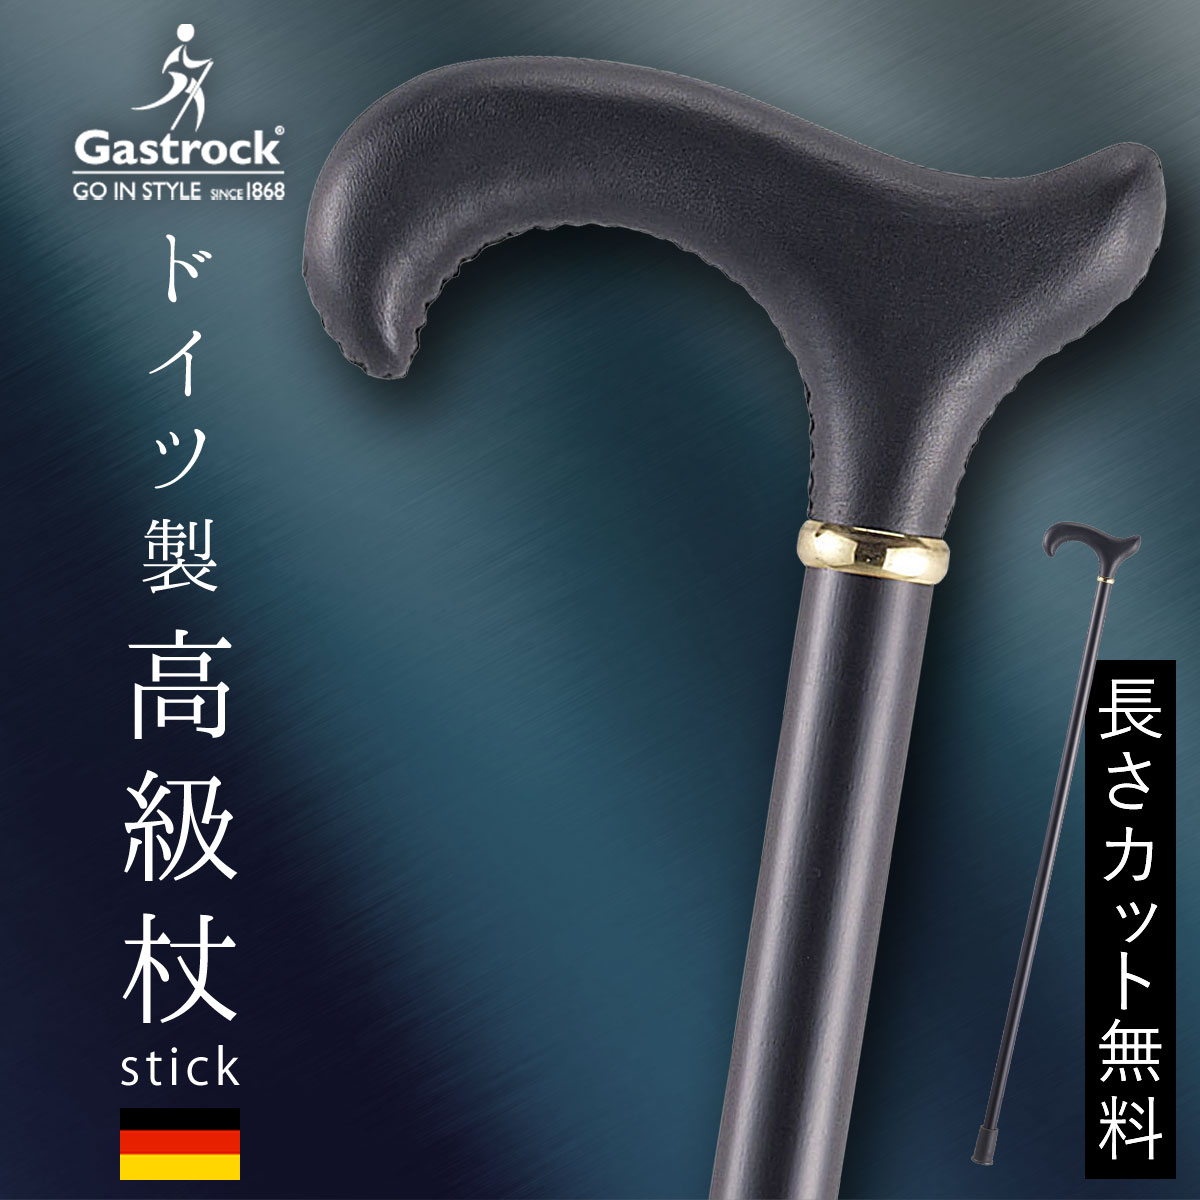 一本杖 木製杖 ステッキ ドイツ製 1本杖 ガストロック社 GA-33